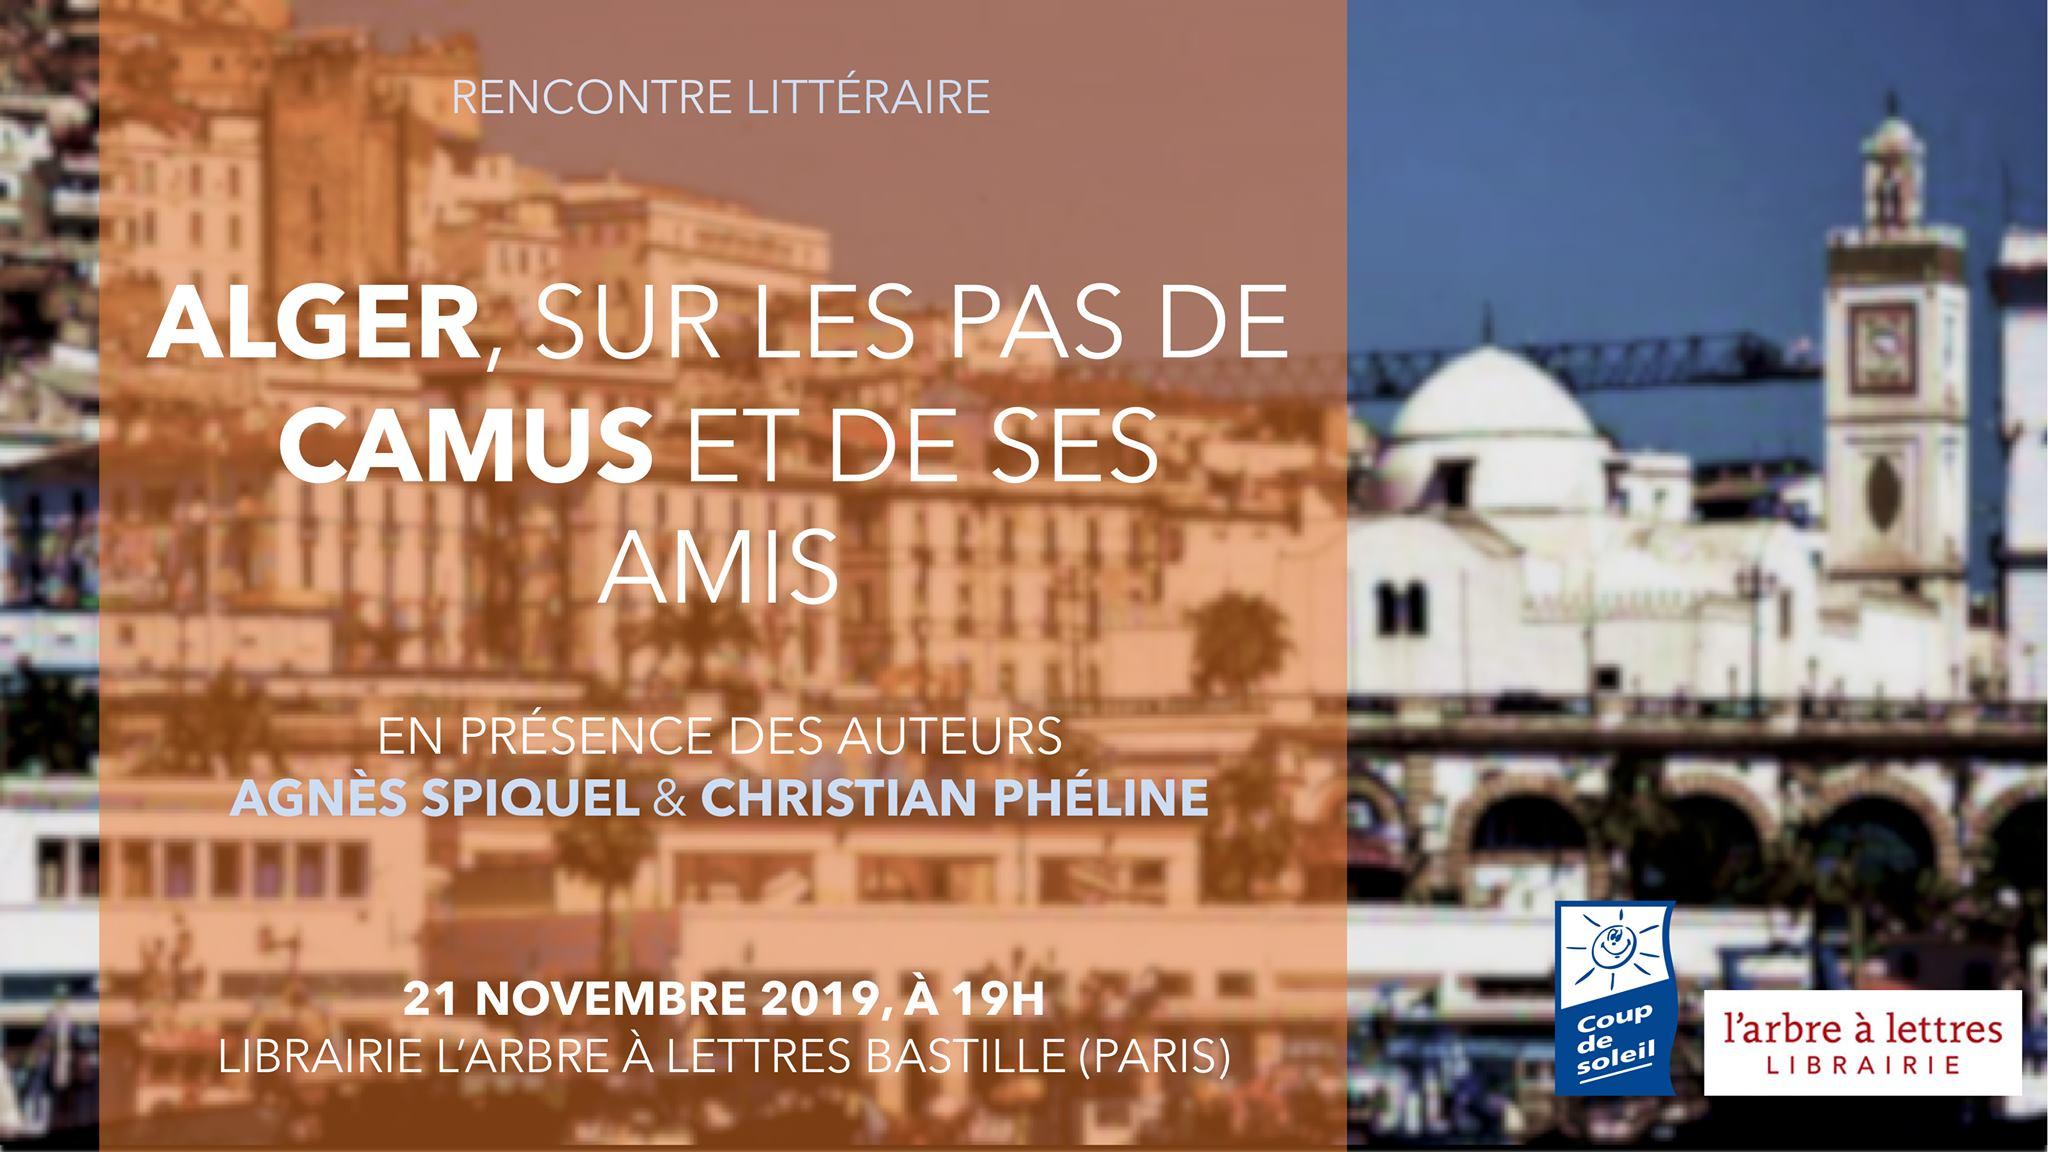 Amis de l'Algérie | Rennes Métropole